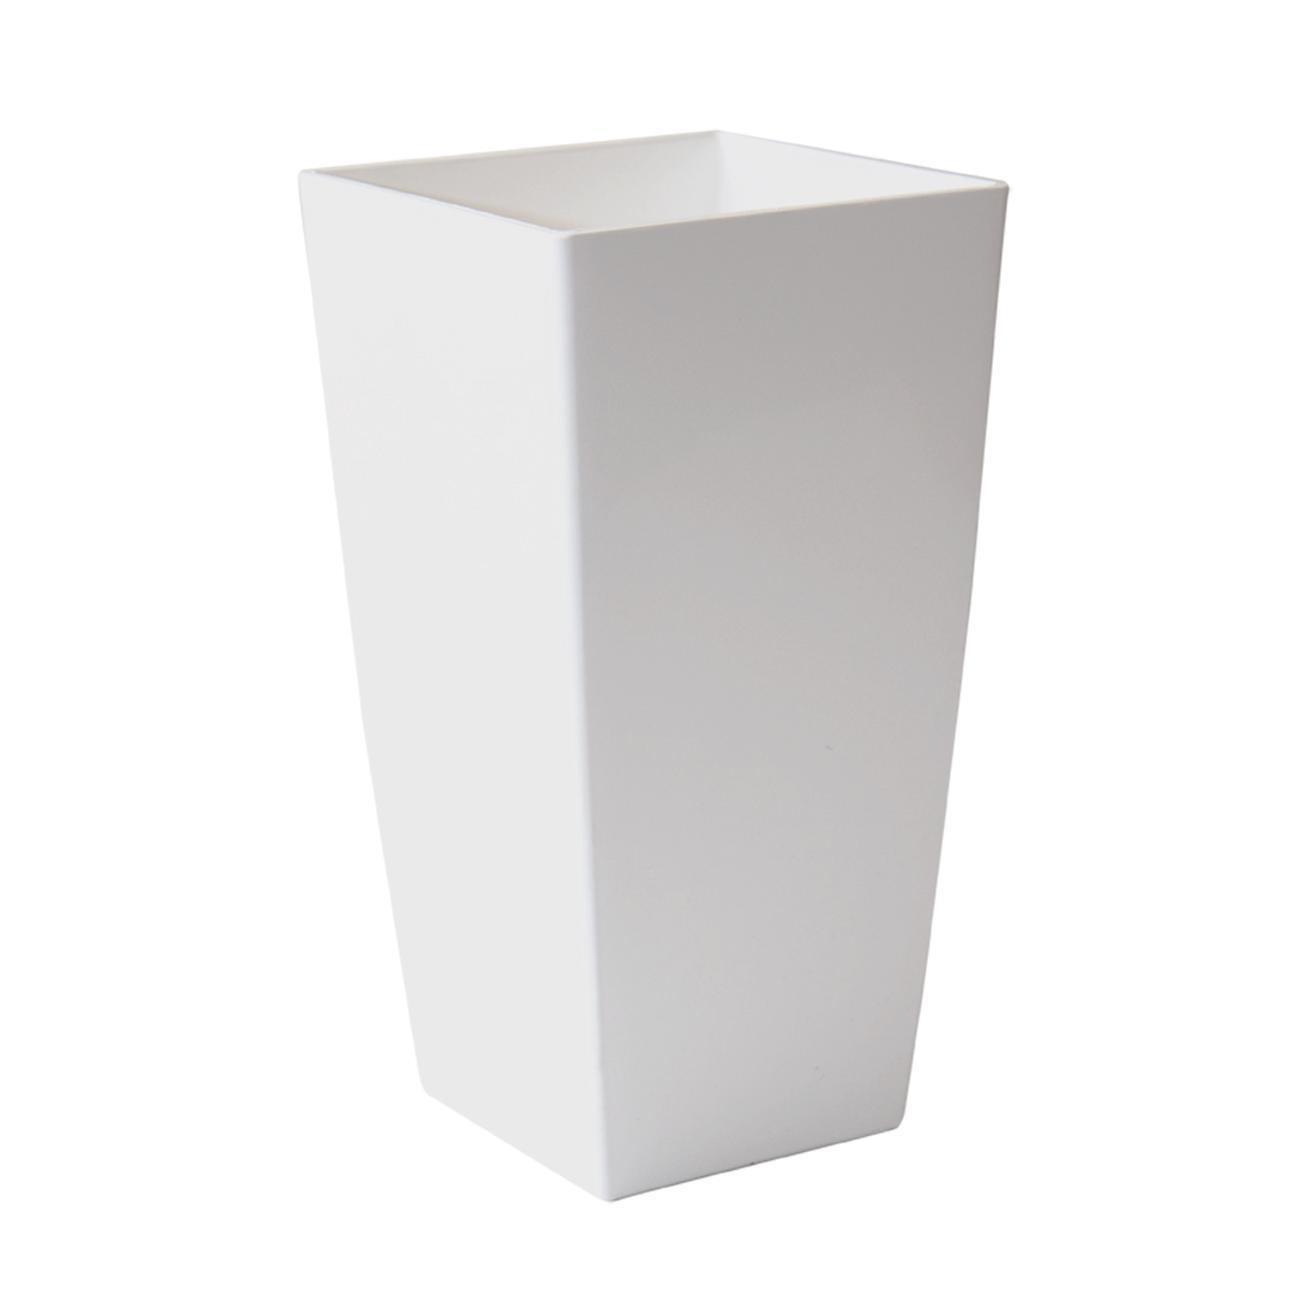 Vaso Piza ARTEVASI in polipropilene colore bianco H 41 cm, L 22 x P 22 cm